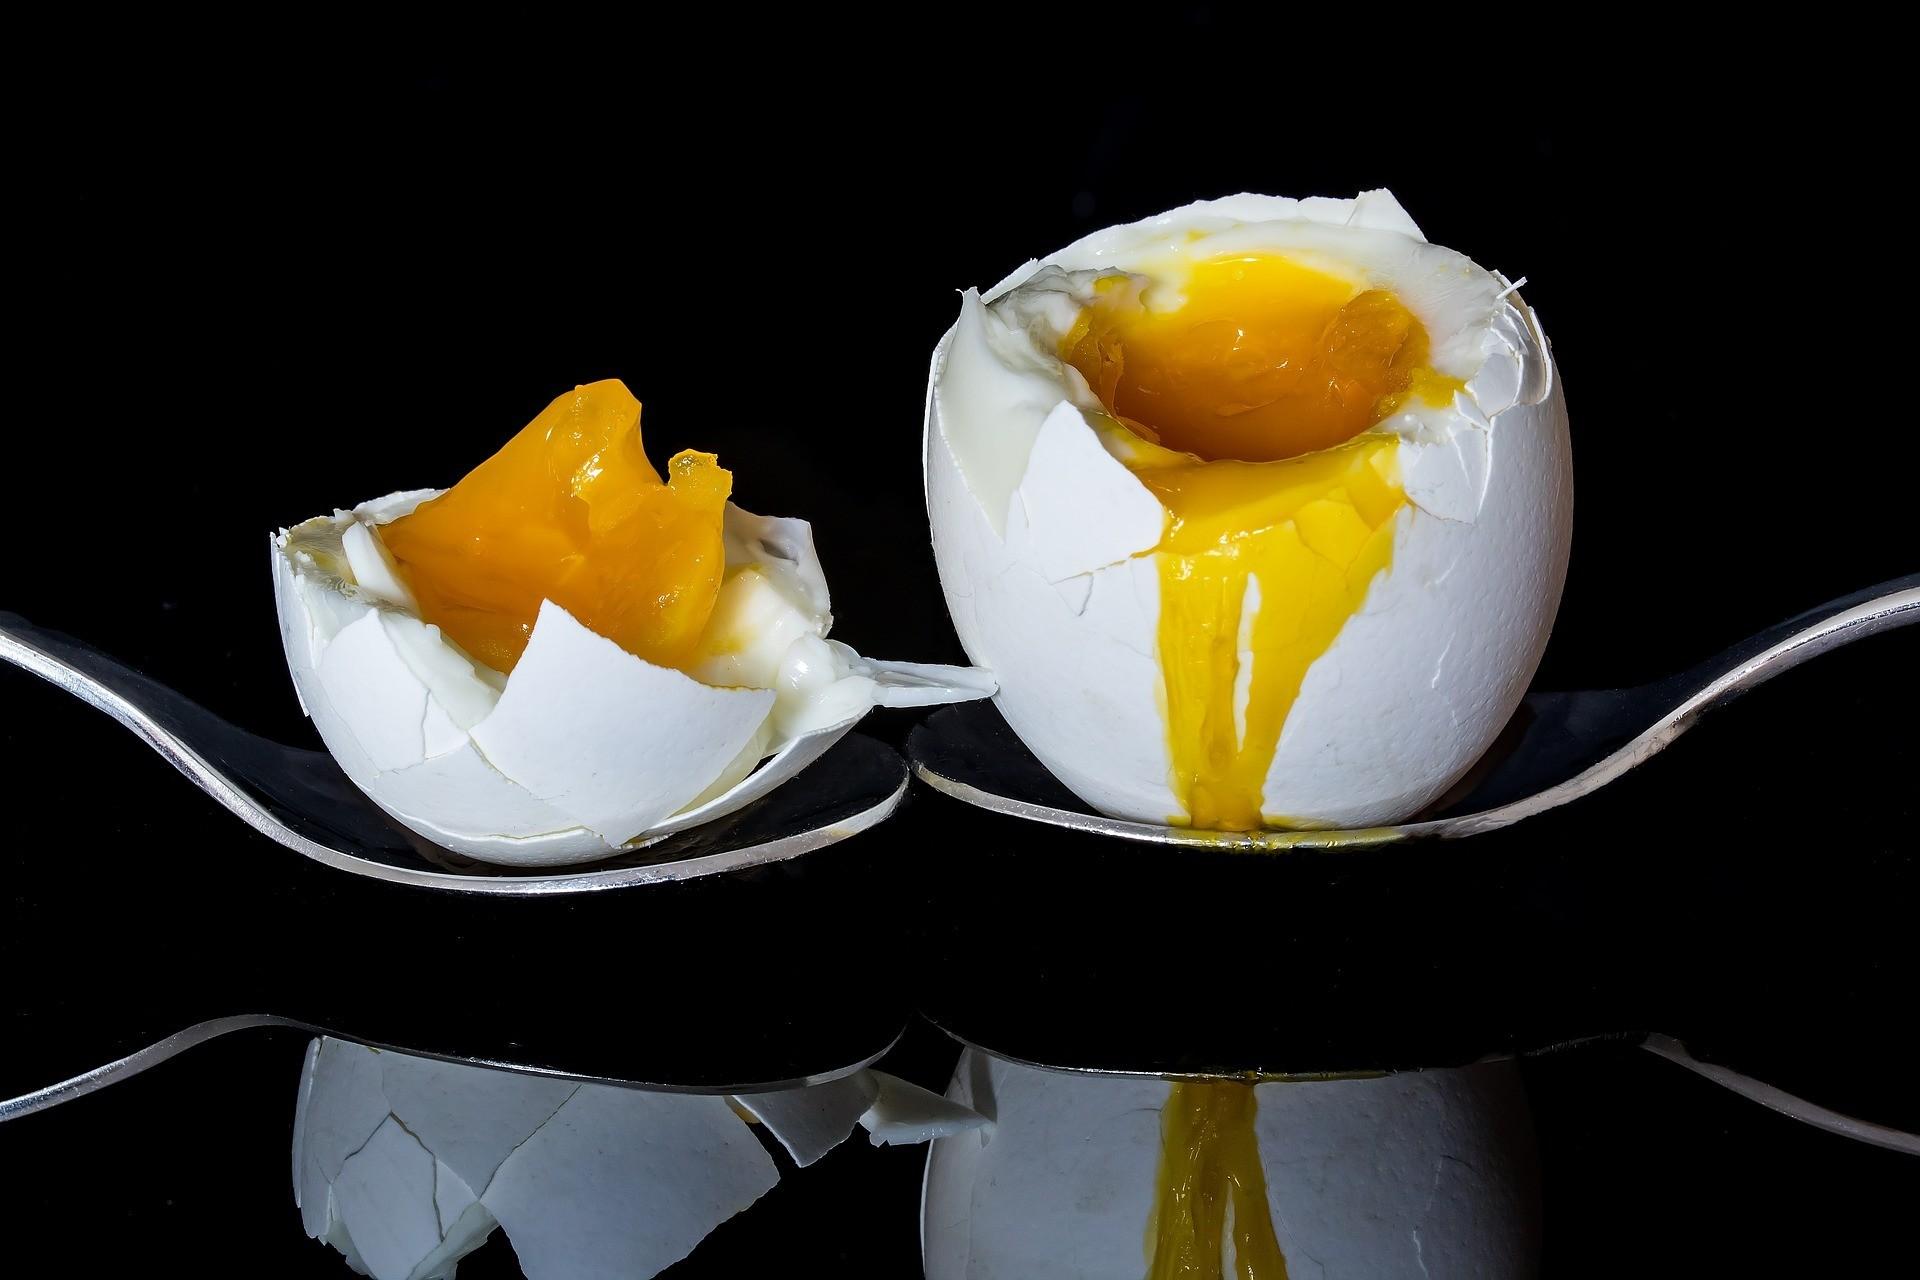 1 яйцо всмятку.